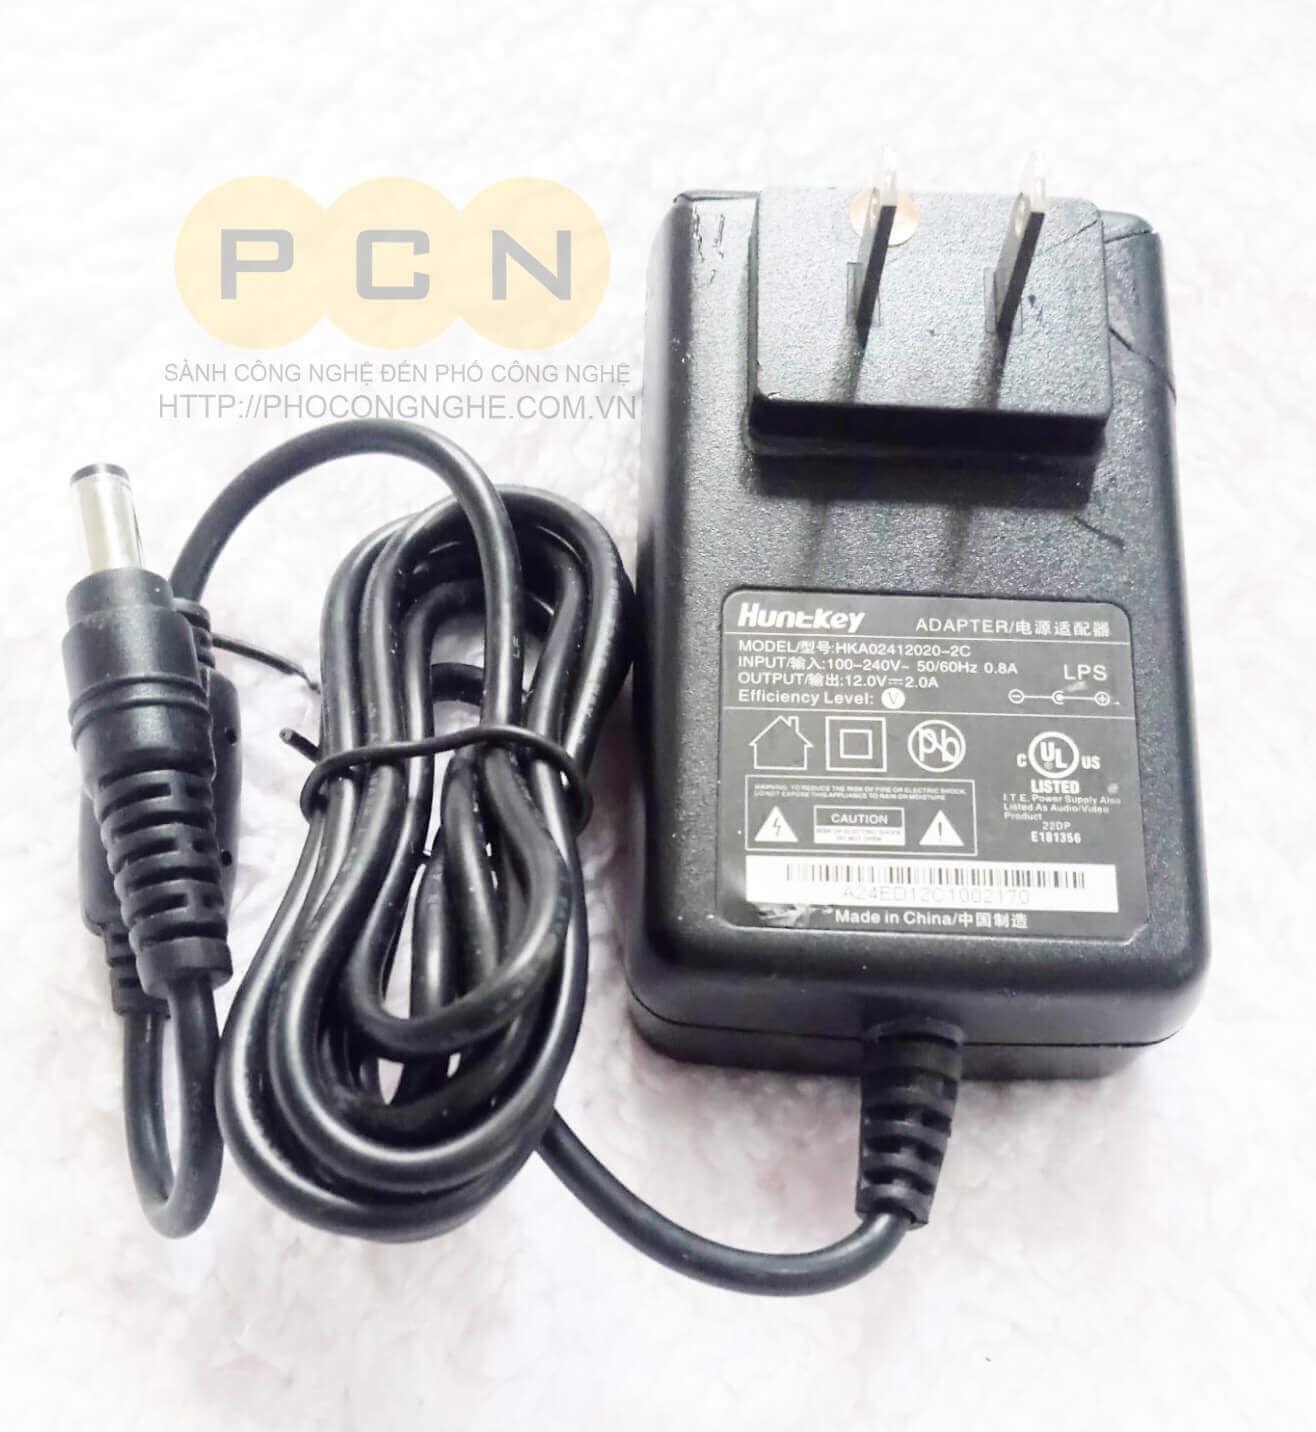 Nguồn cấp Hunkey 12VDC-2A dùng cho Camera an ninh